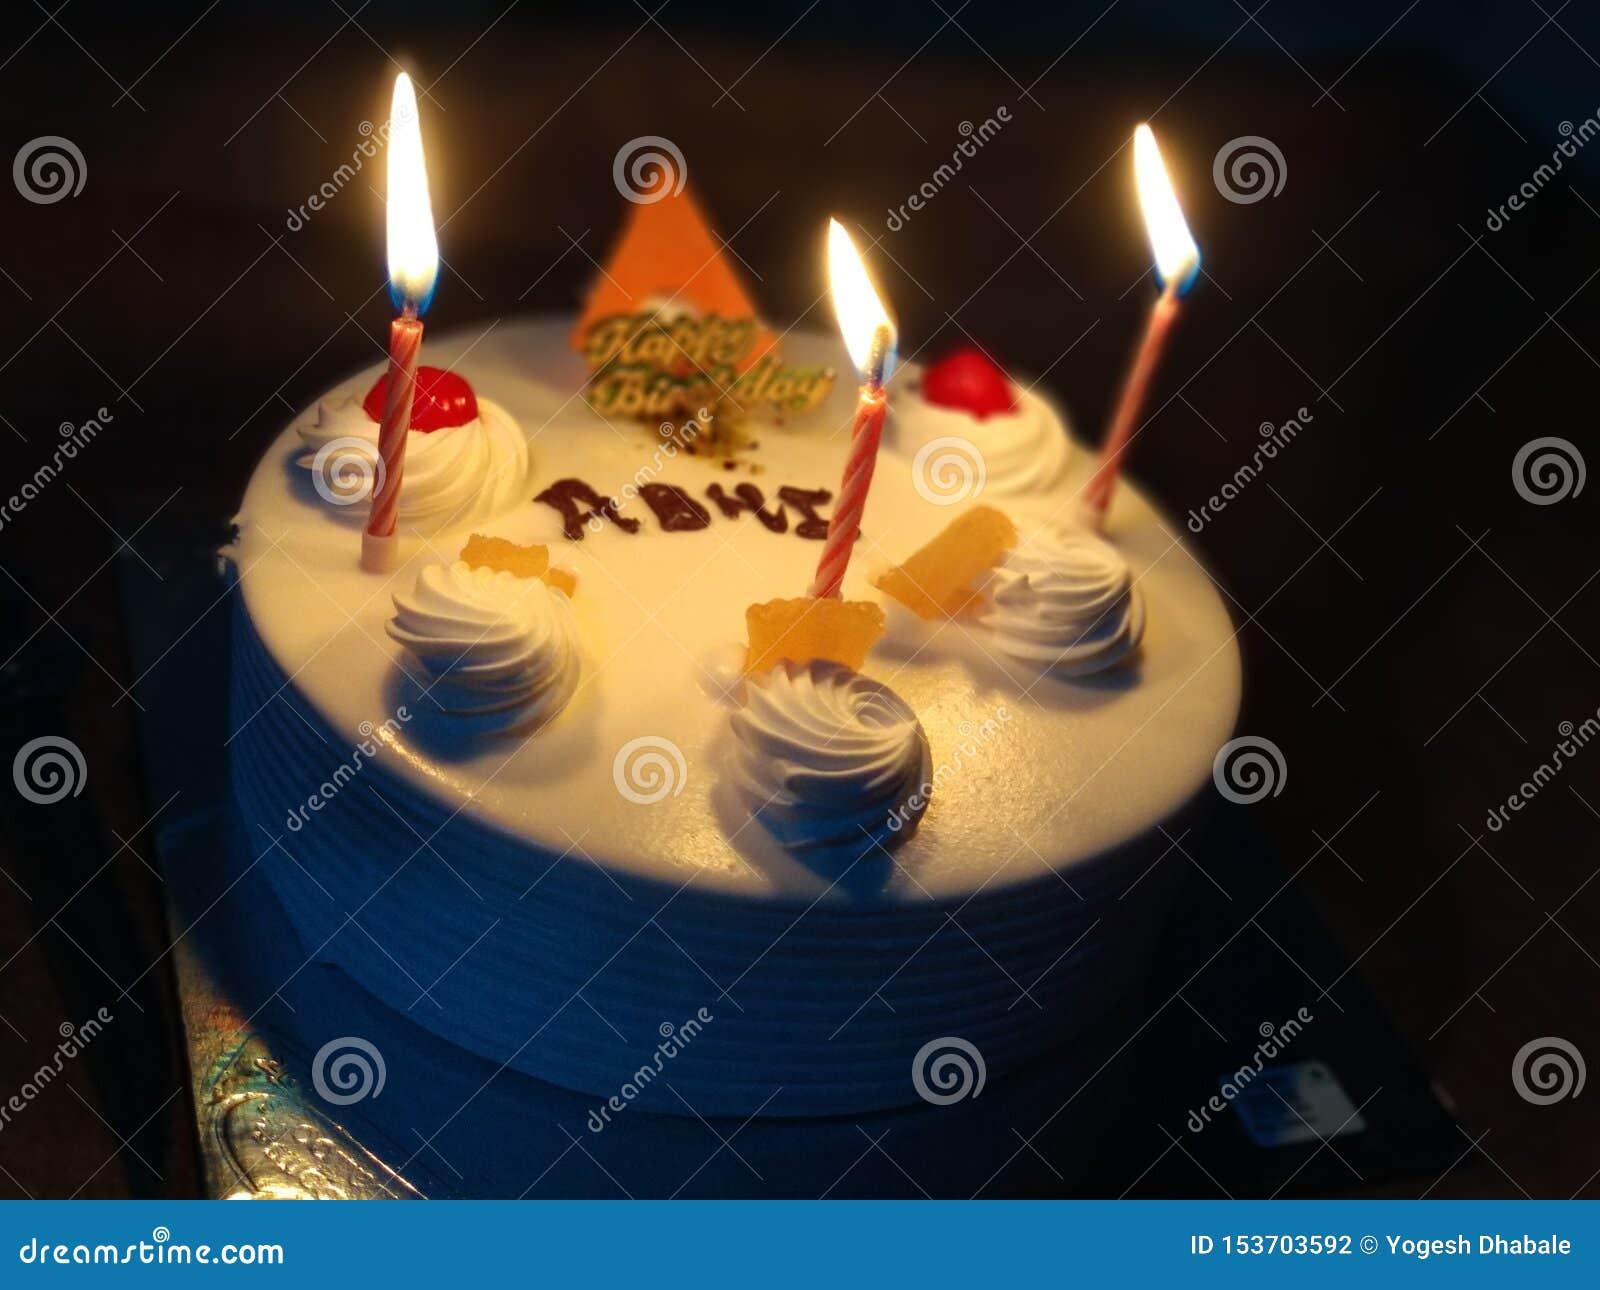 Torta di compleanno indiana